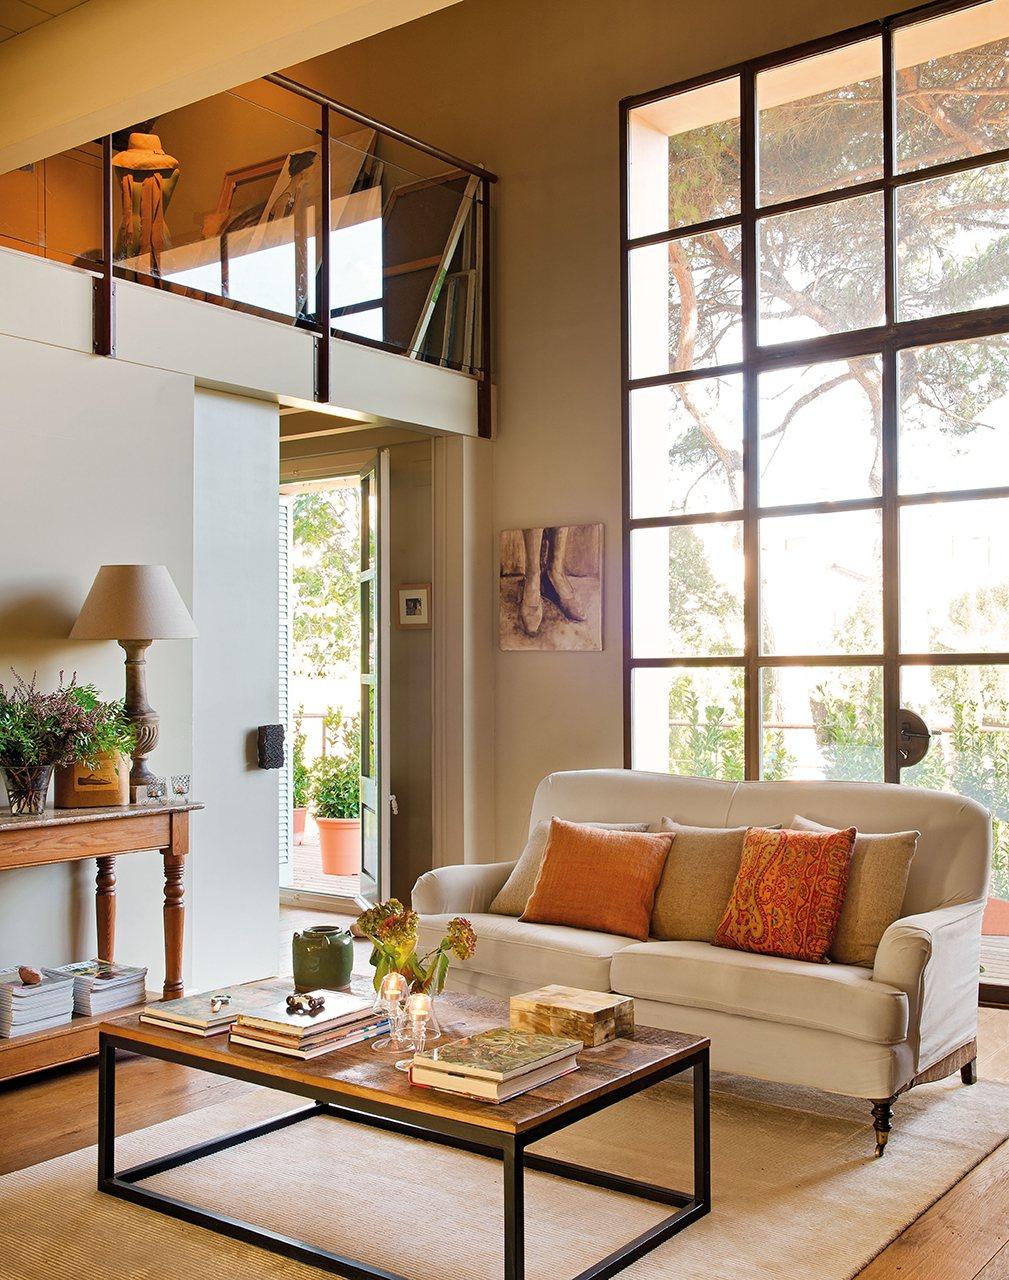 Cambia tu casa renovando puertas y ventanas for Carpinteria de aluminio